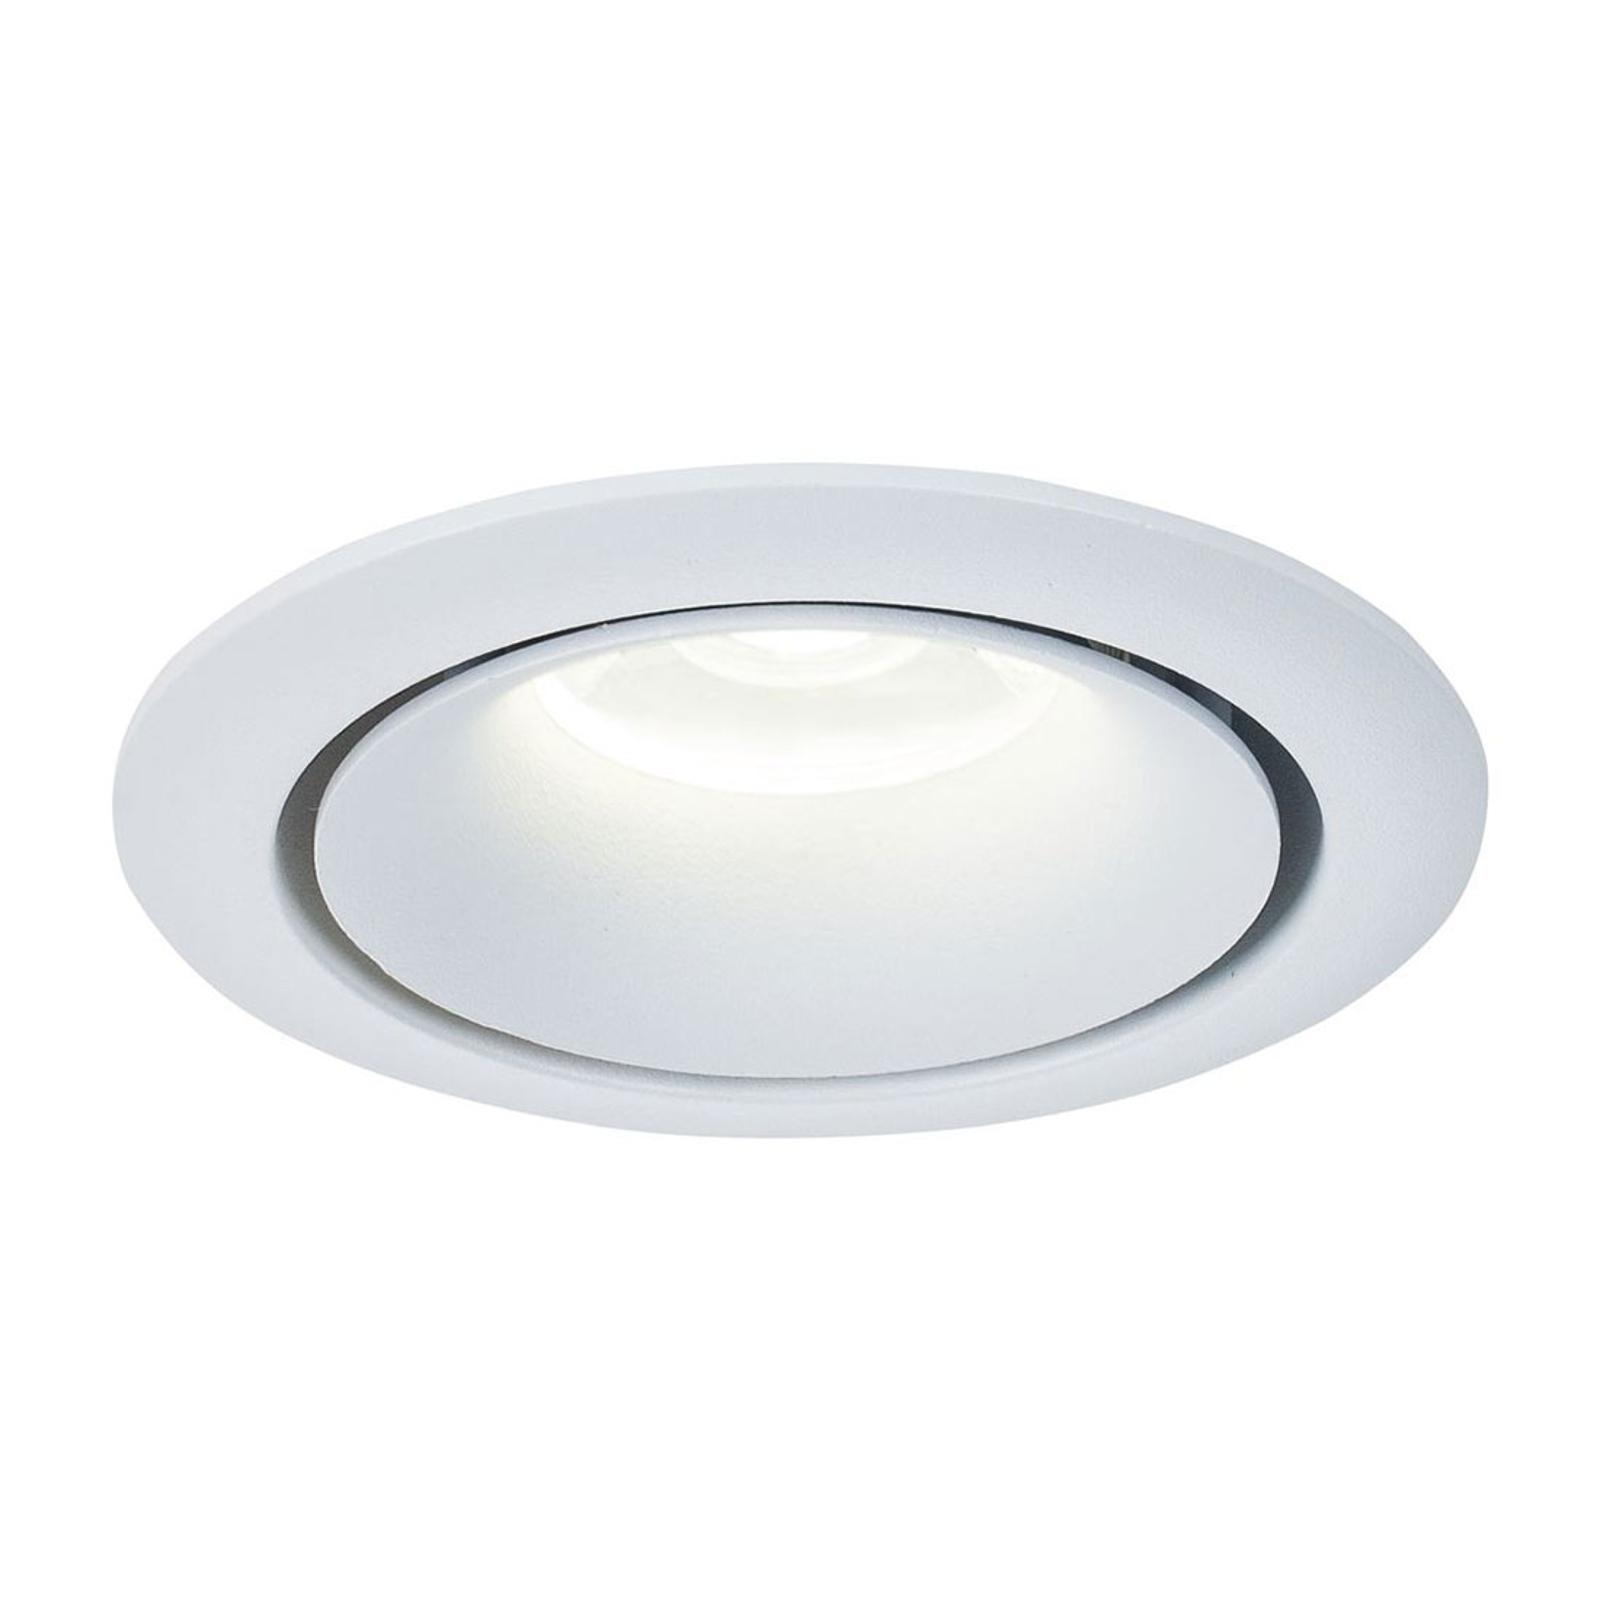 Uppokohdevalo Yin, jossa alumiinikehys valkoisena